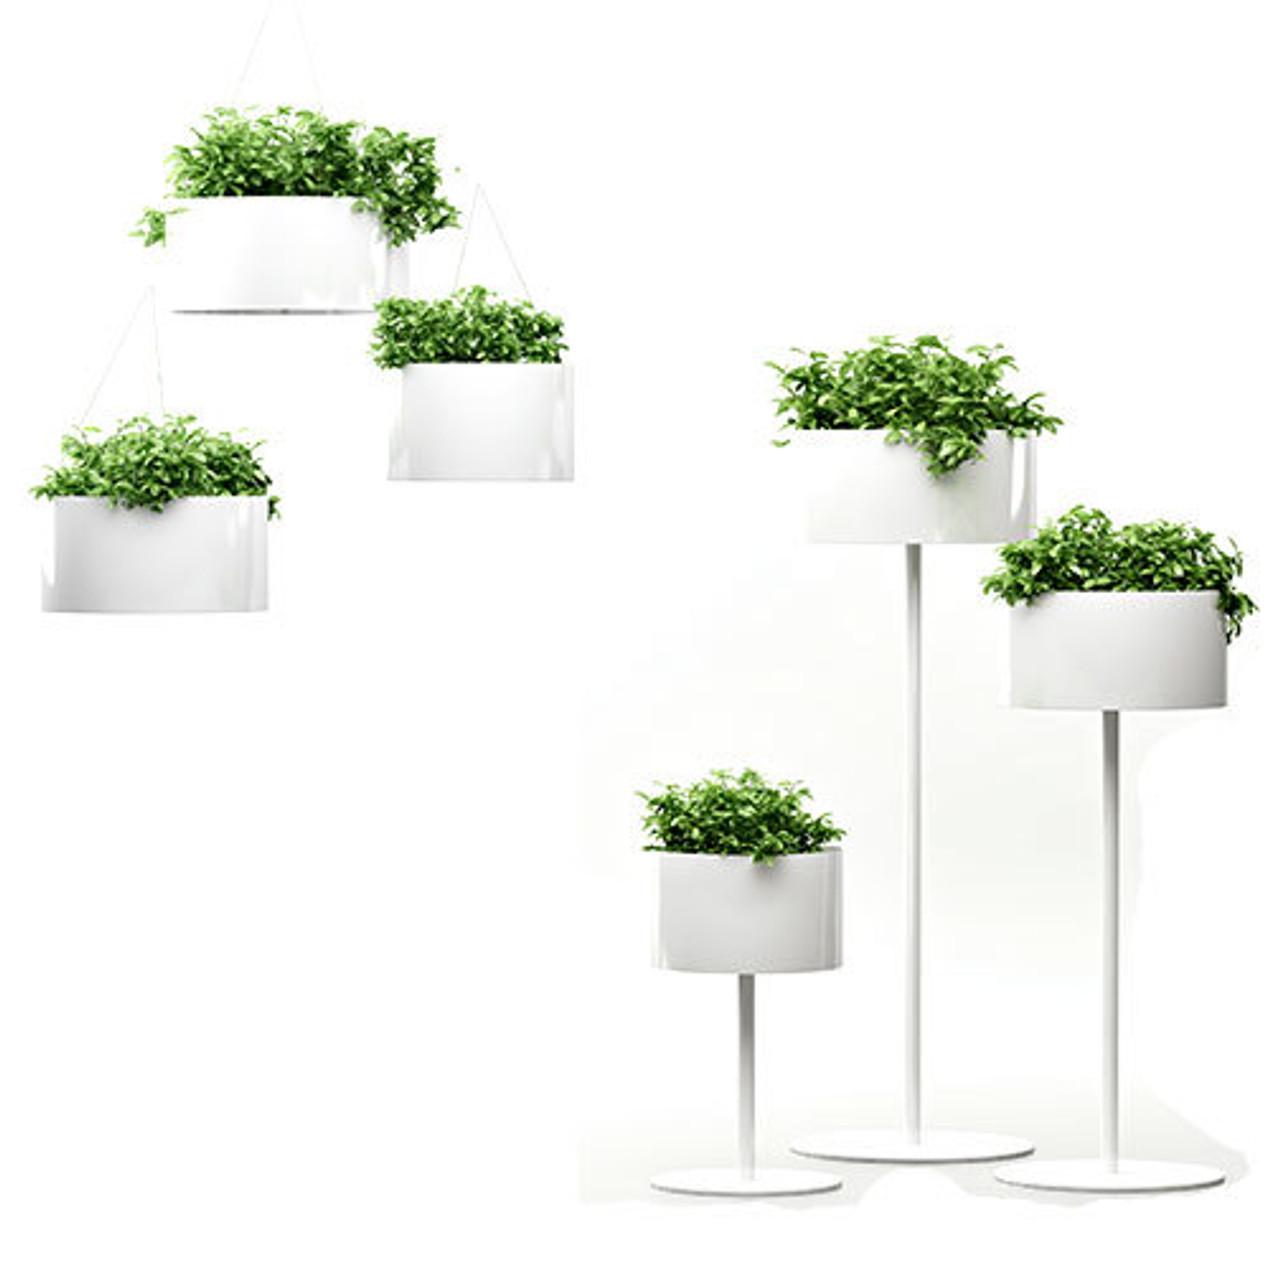 Magnuson Green Cloud Planters